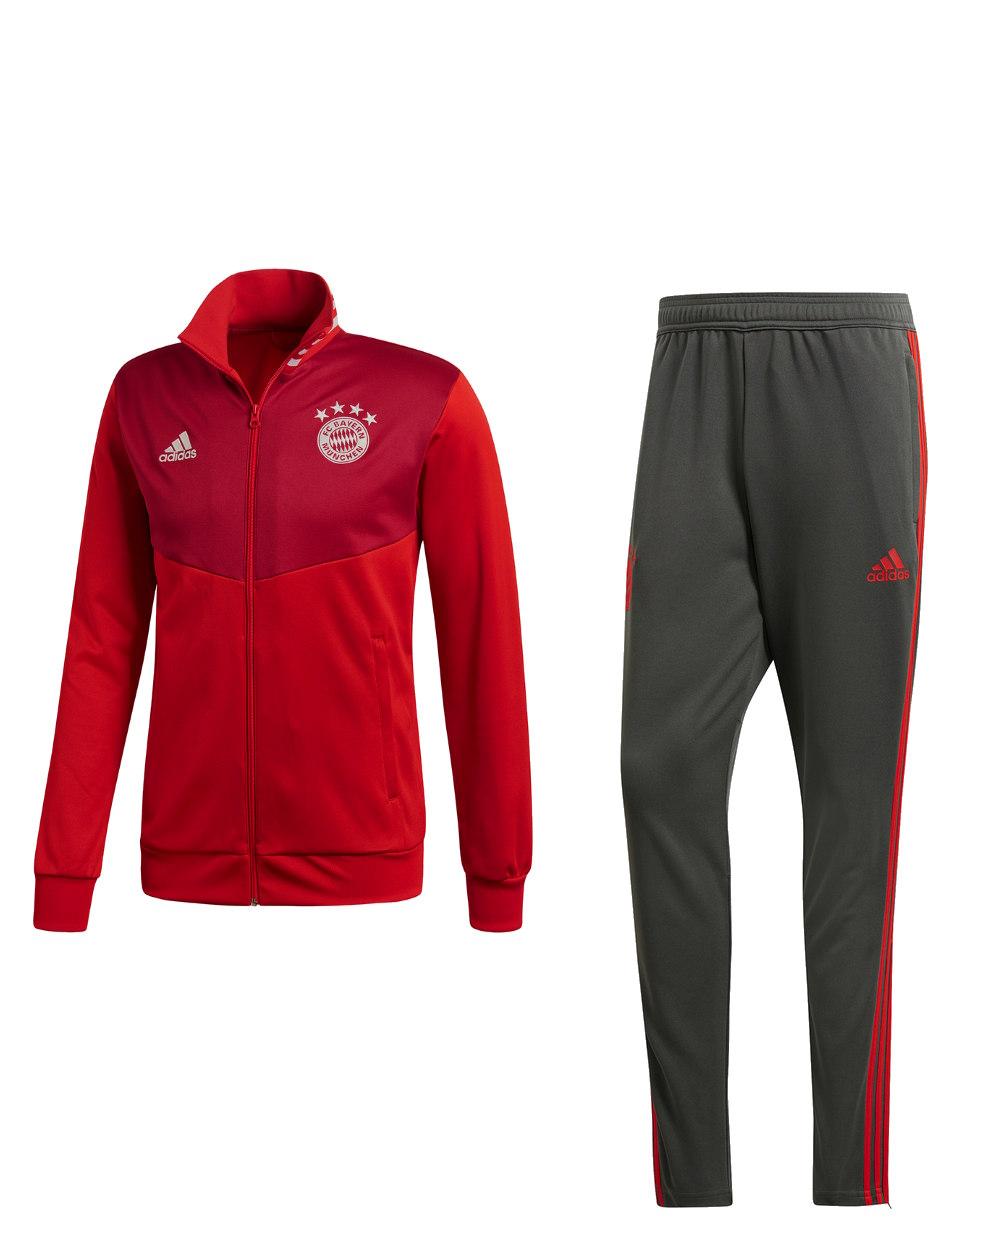 Bayern Monaco Adidas Tuta Sportiva Sport Tracksuit 2018 19 UOMO Rosso 4 4  di 10 ... ba6ab112d600